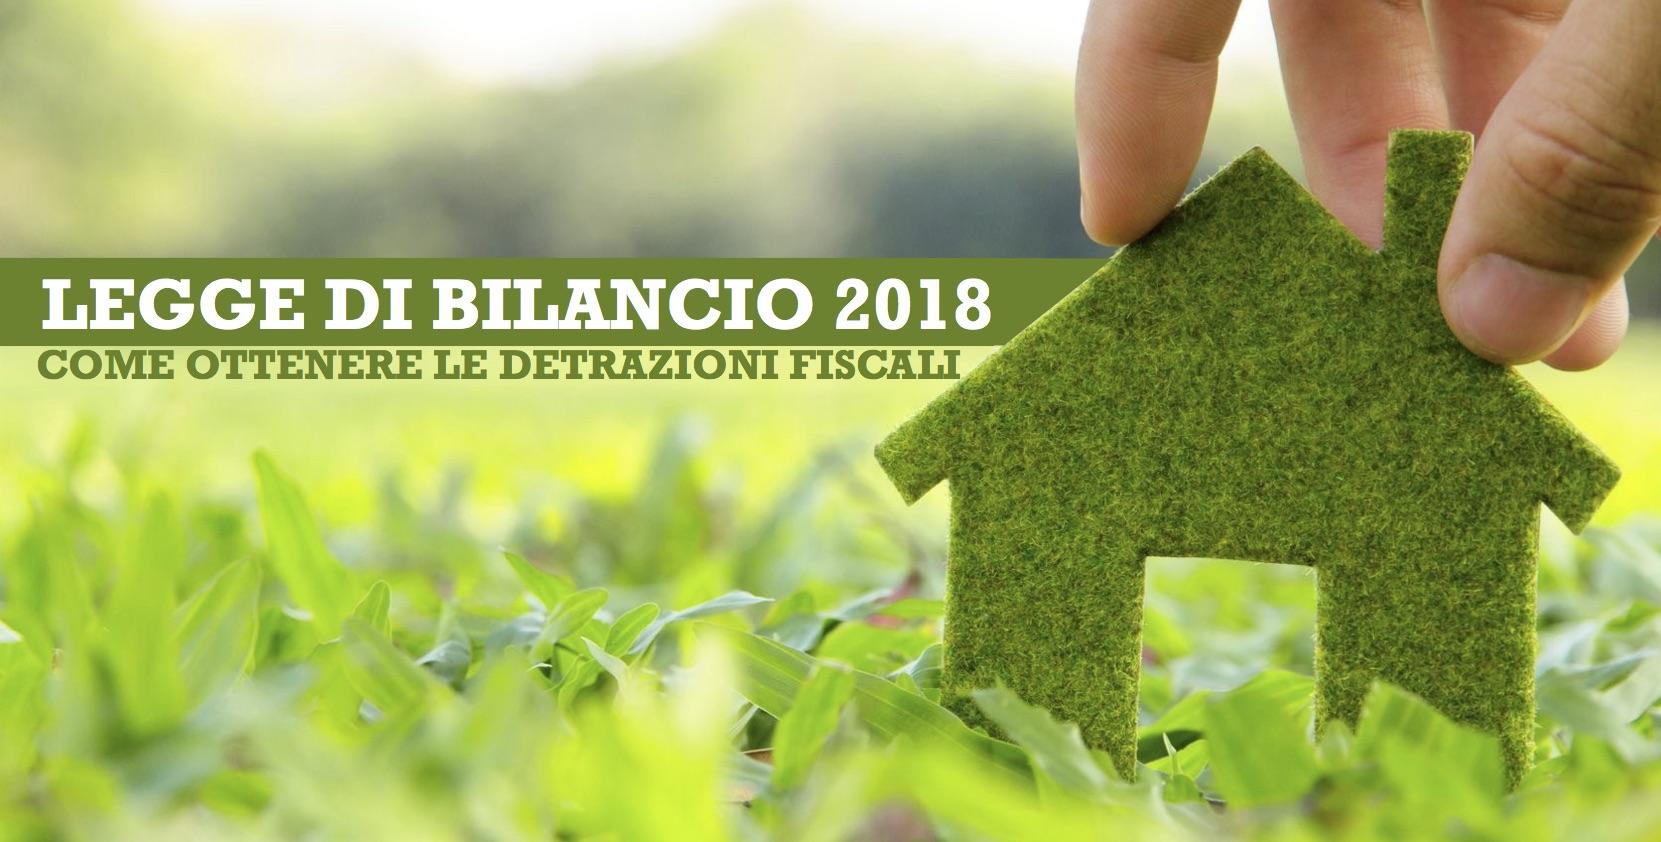 Legge di bilancio 2018 come usufruire delle detrazioni for Detrazioni fiscali 2018